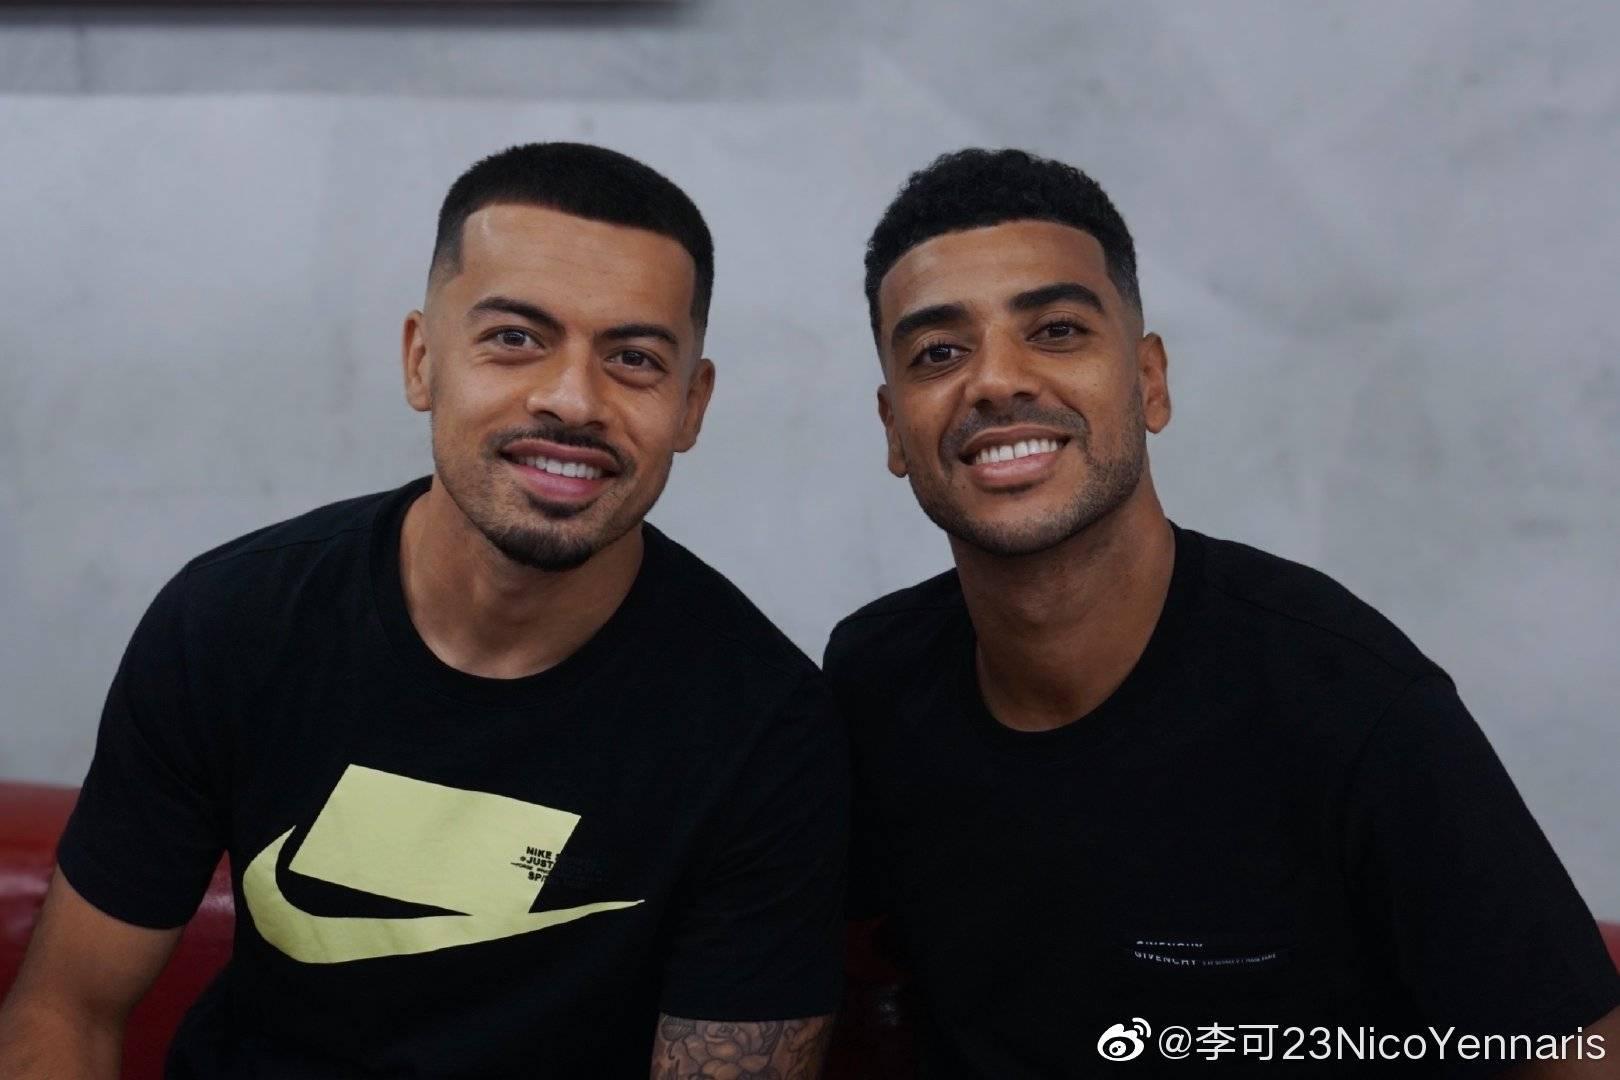 北京中赫国安足球俱乐部球员李可与阿兰一起去理发店理发